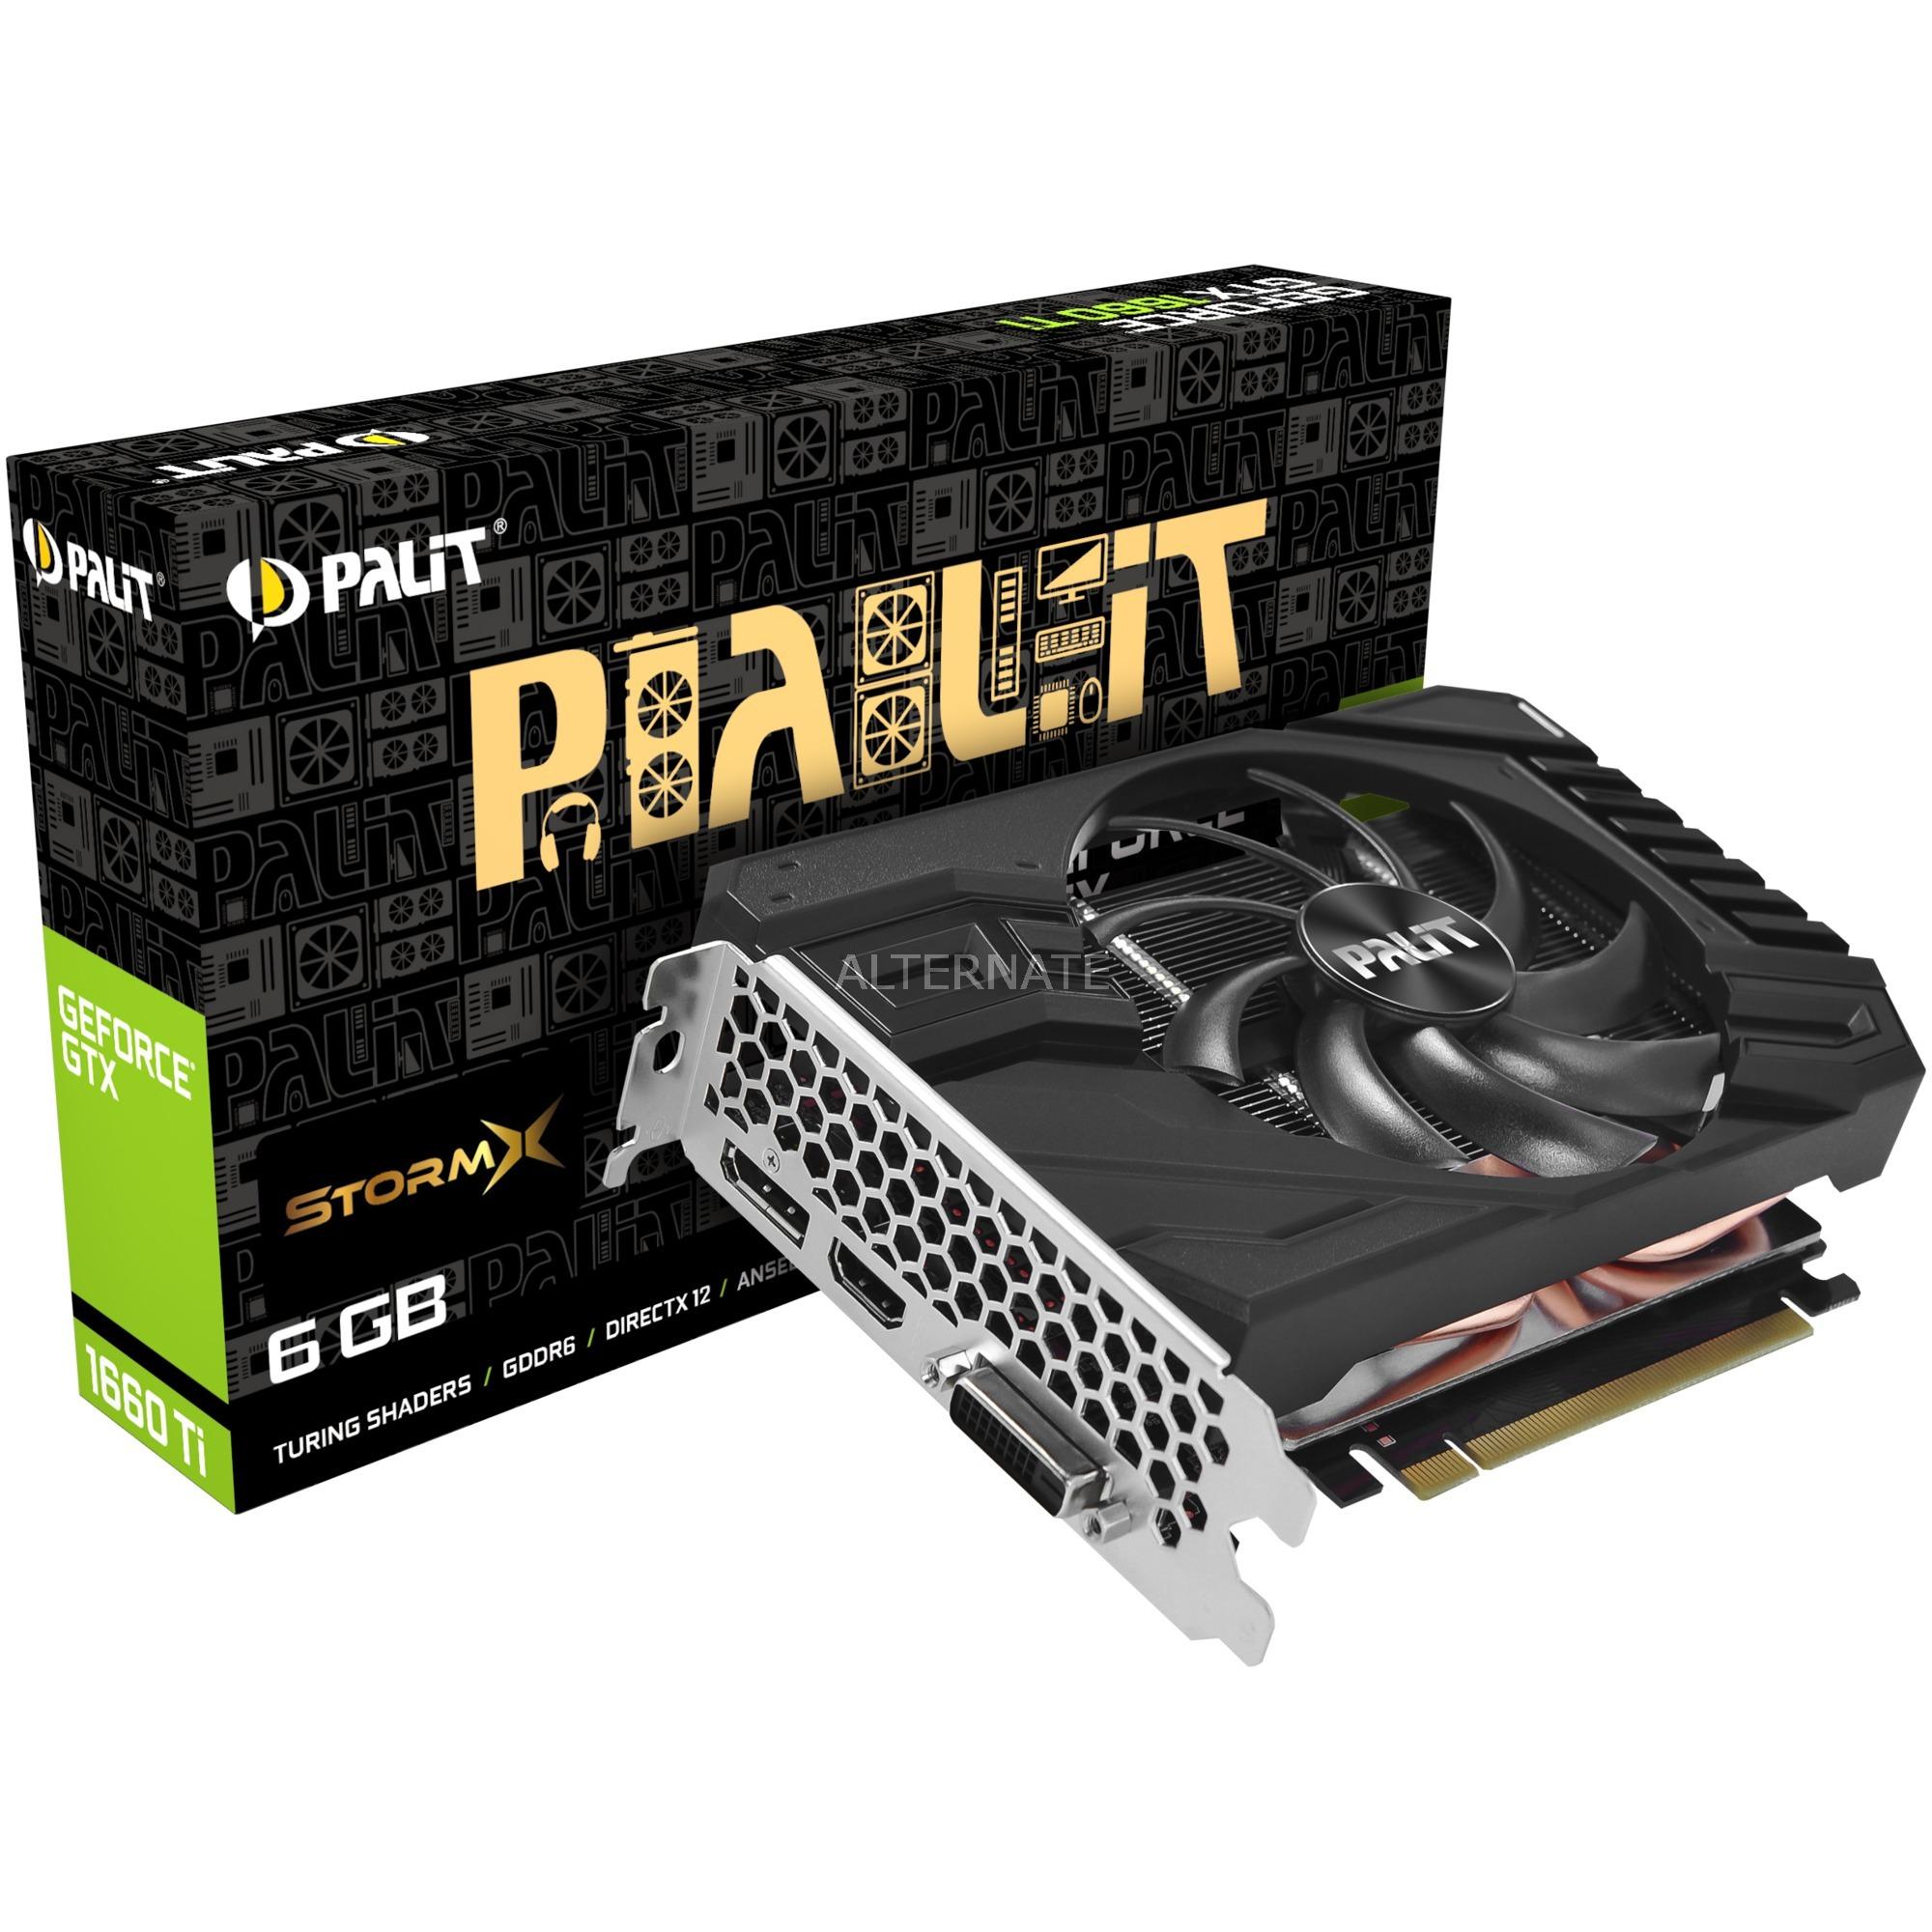 NE6166T018J9-161F tarjeta gráfica GeForce GTX 1660 Ti 6 GB GDDR6